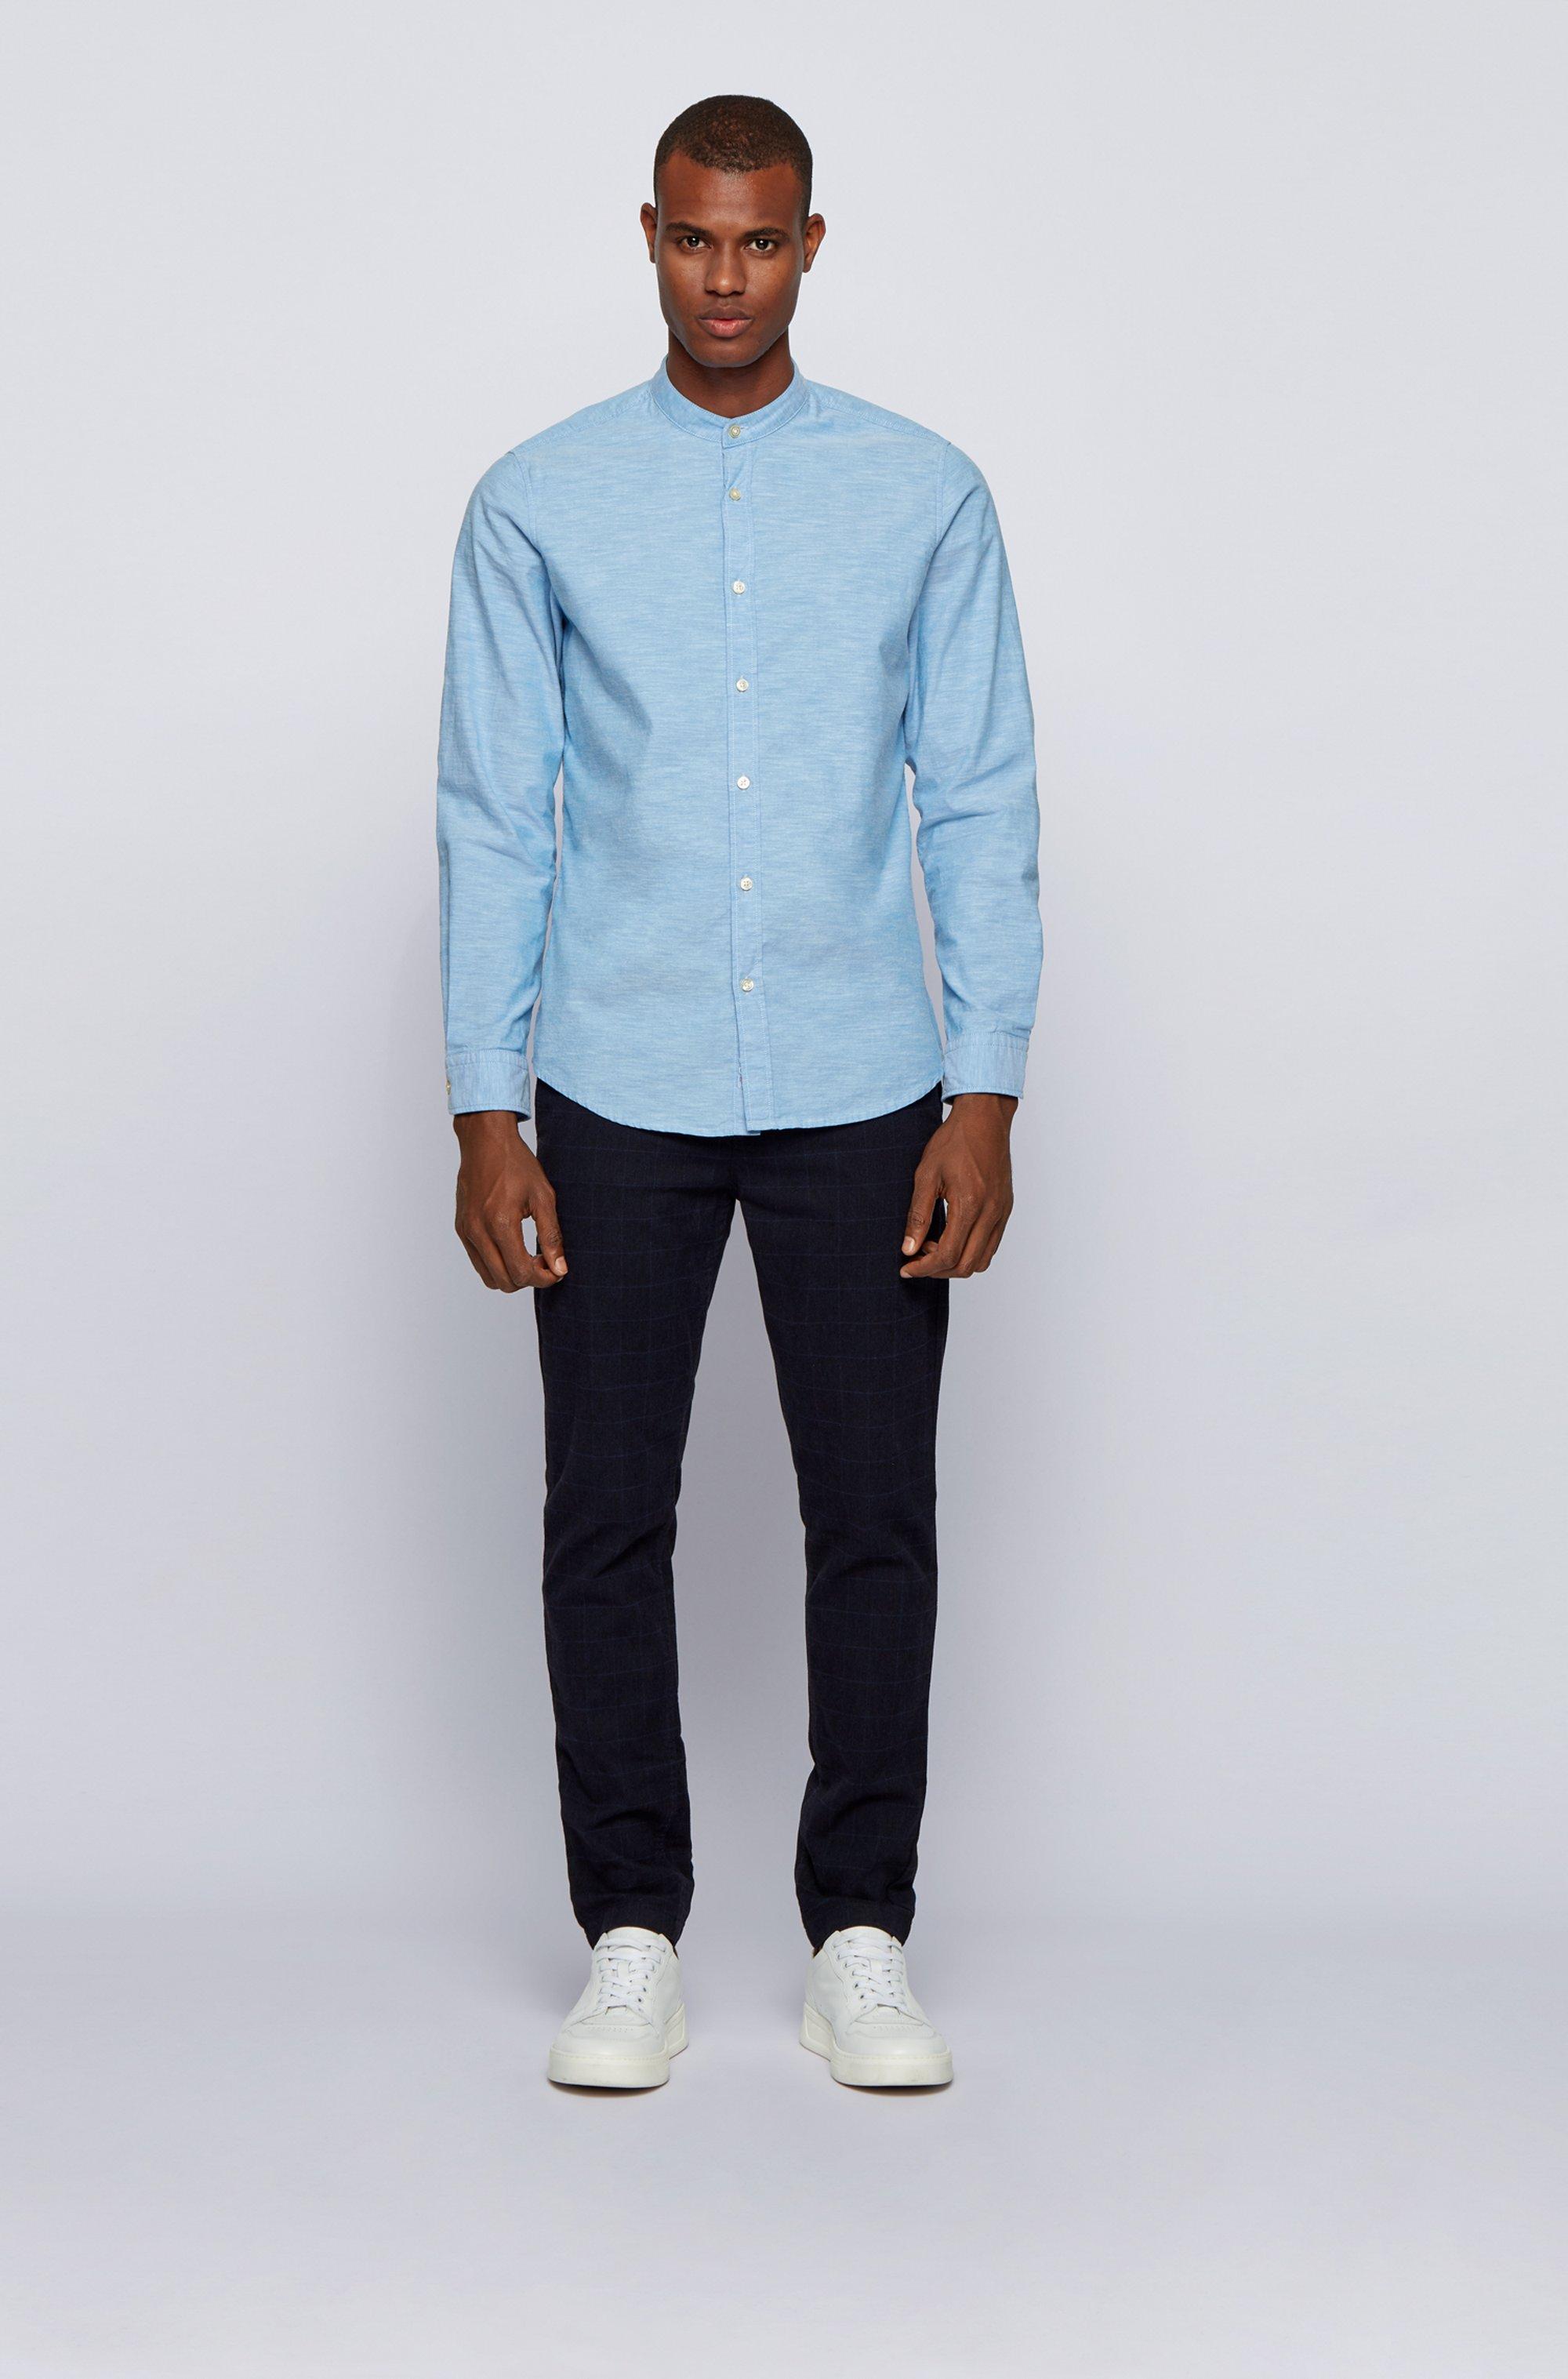 Camicia regular fit in cotone manopesca con colletto rialzato